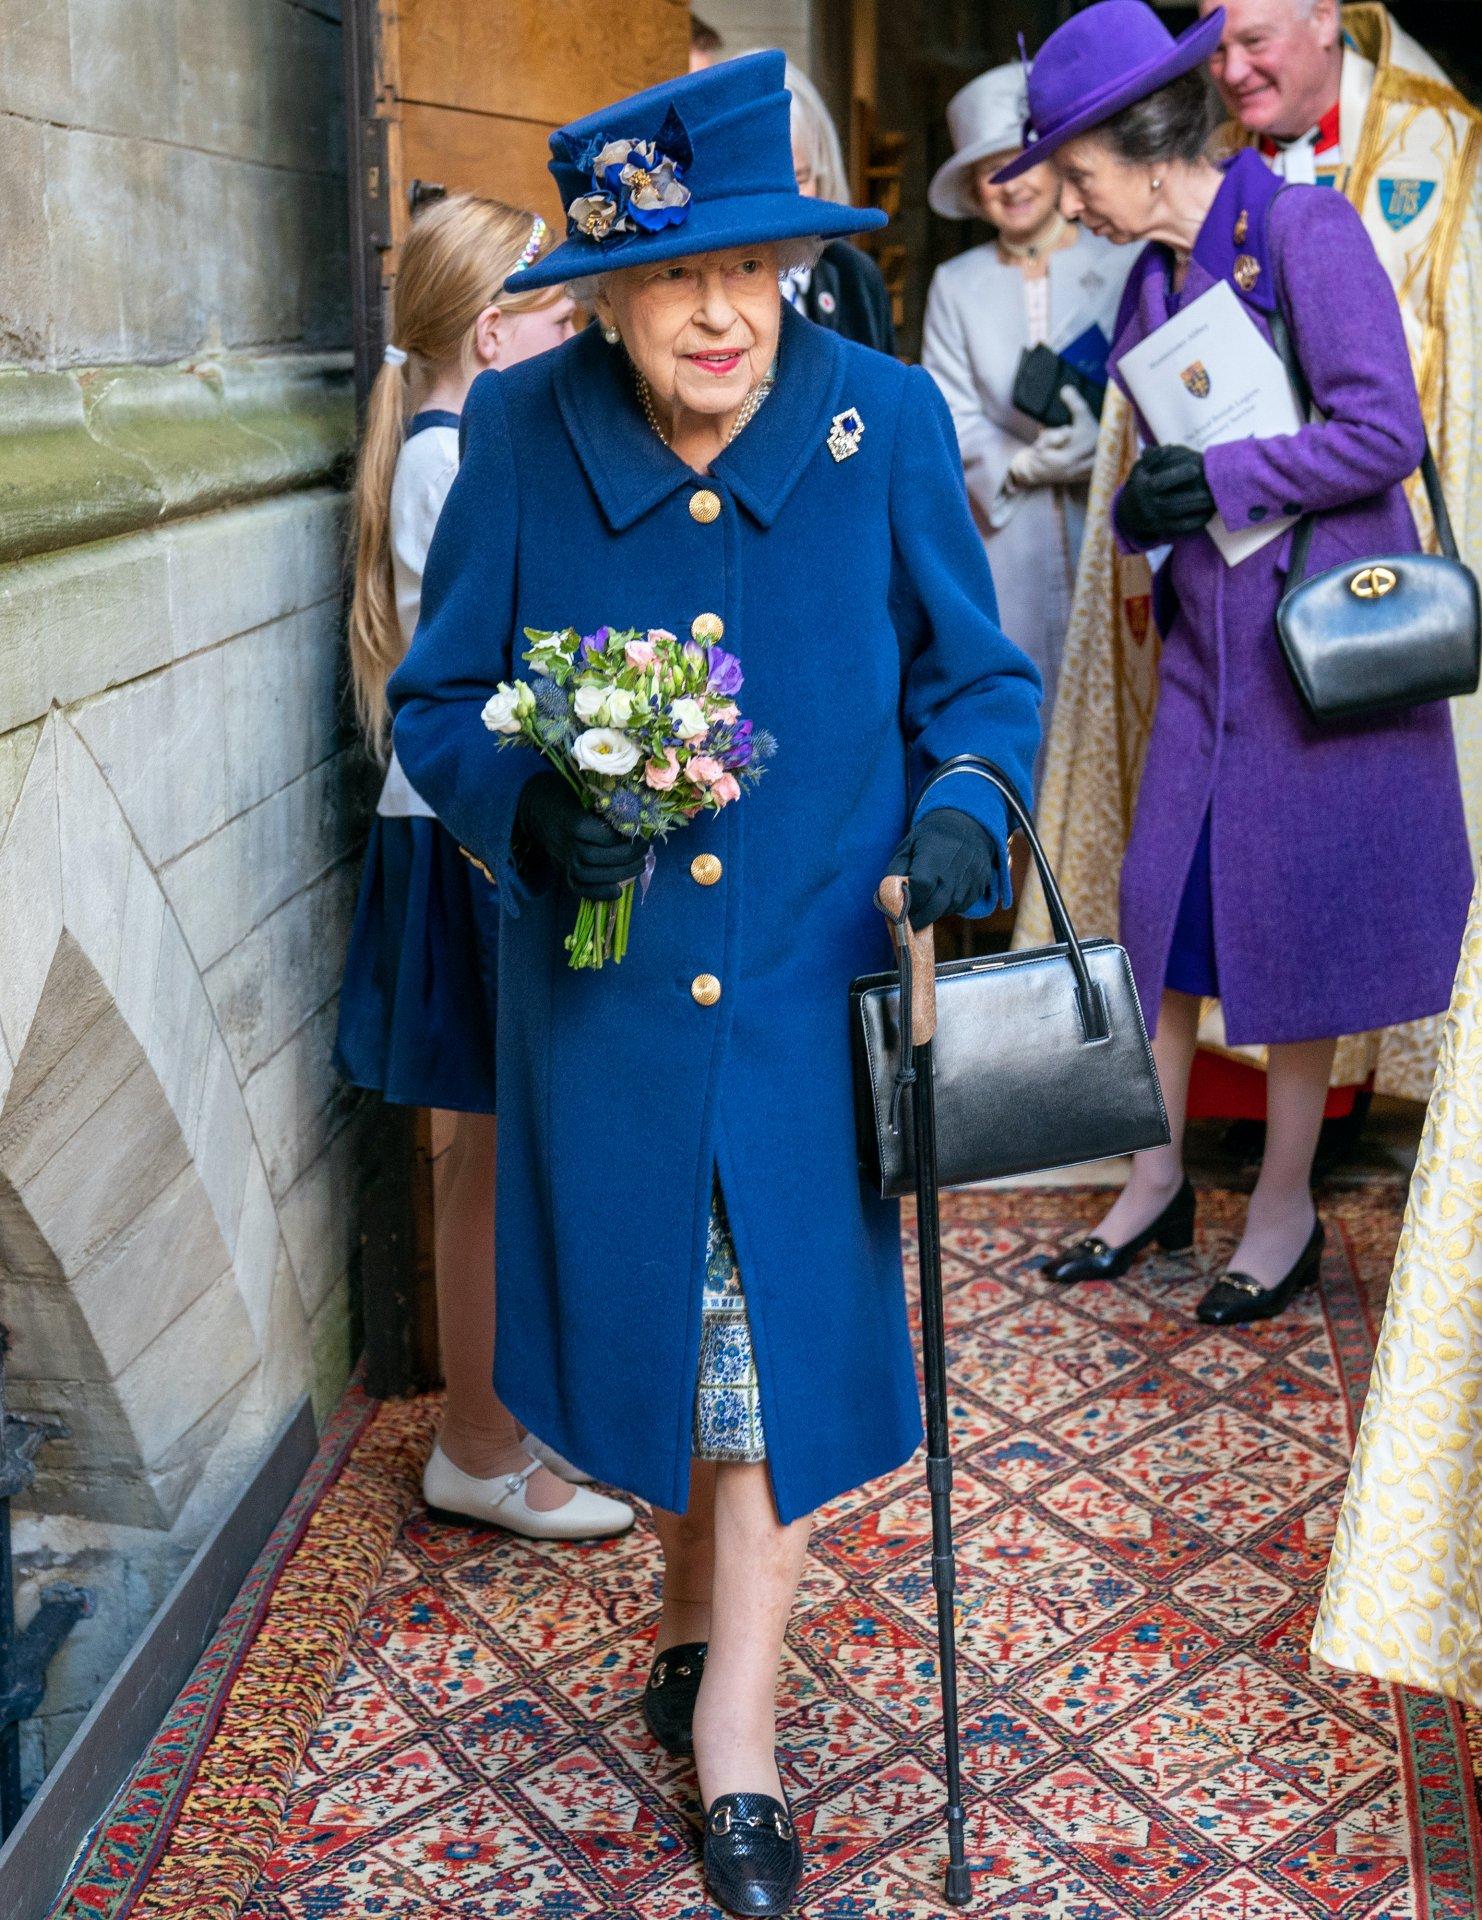 II. Erzsébet királynő bottal ment egy eseményre